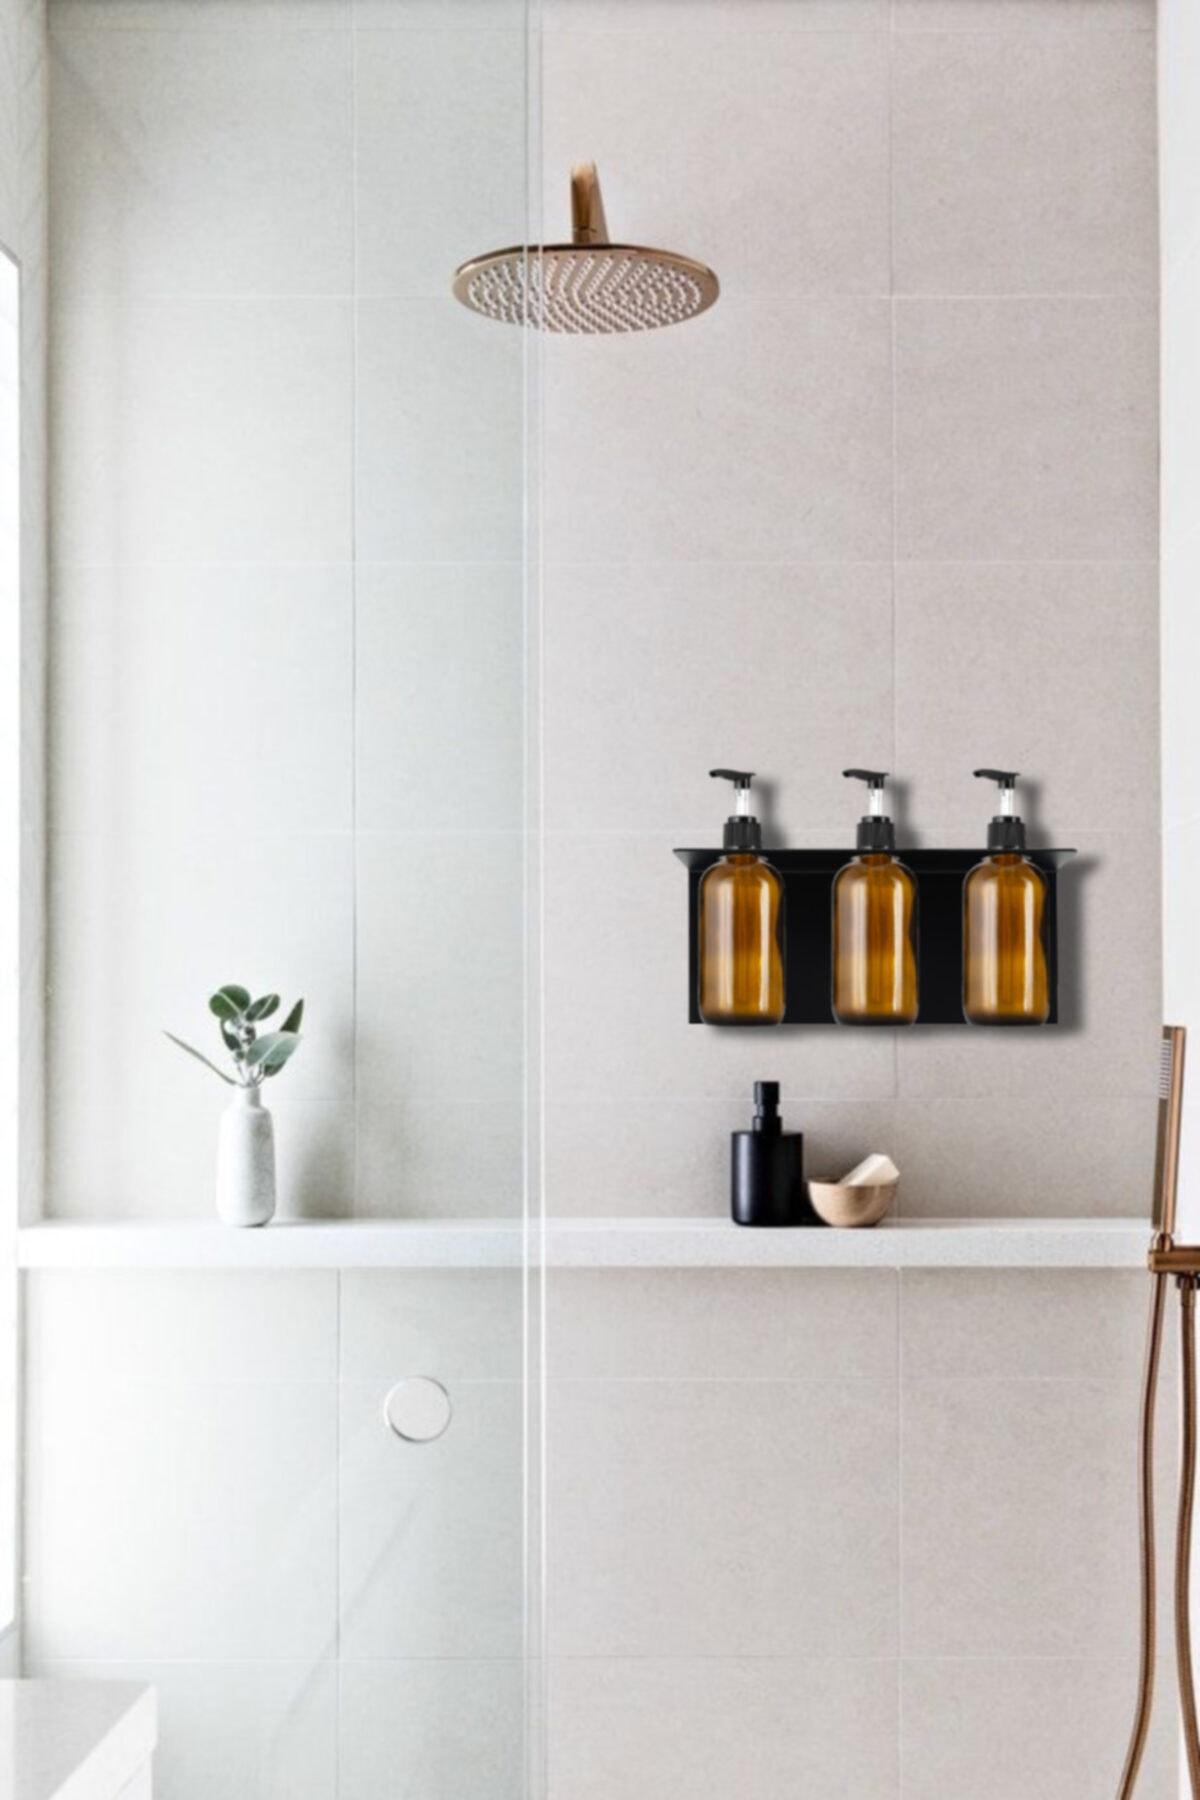 3'lü Set Sıvı Sabunluk, Banyo Şampuanlık , Duş Jelilik, Sıvı Yağ Şişesi